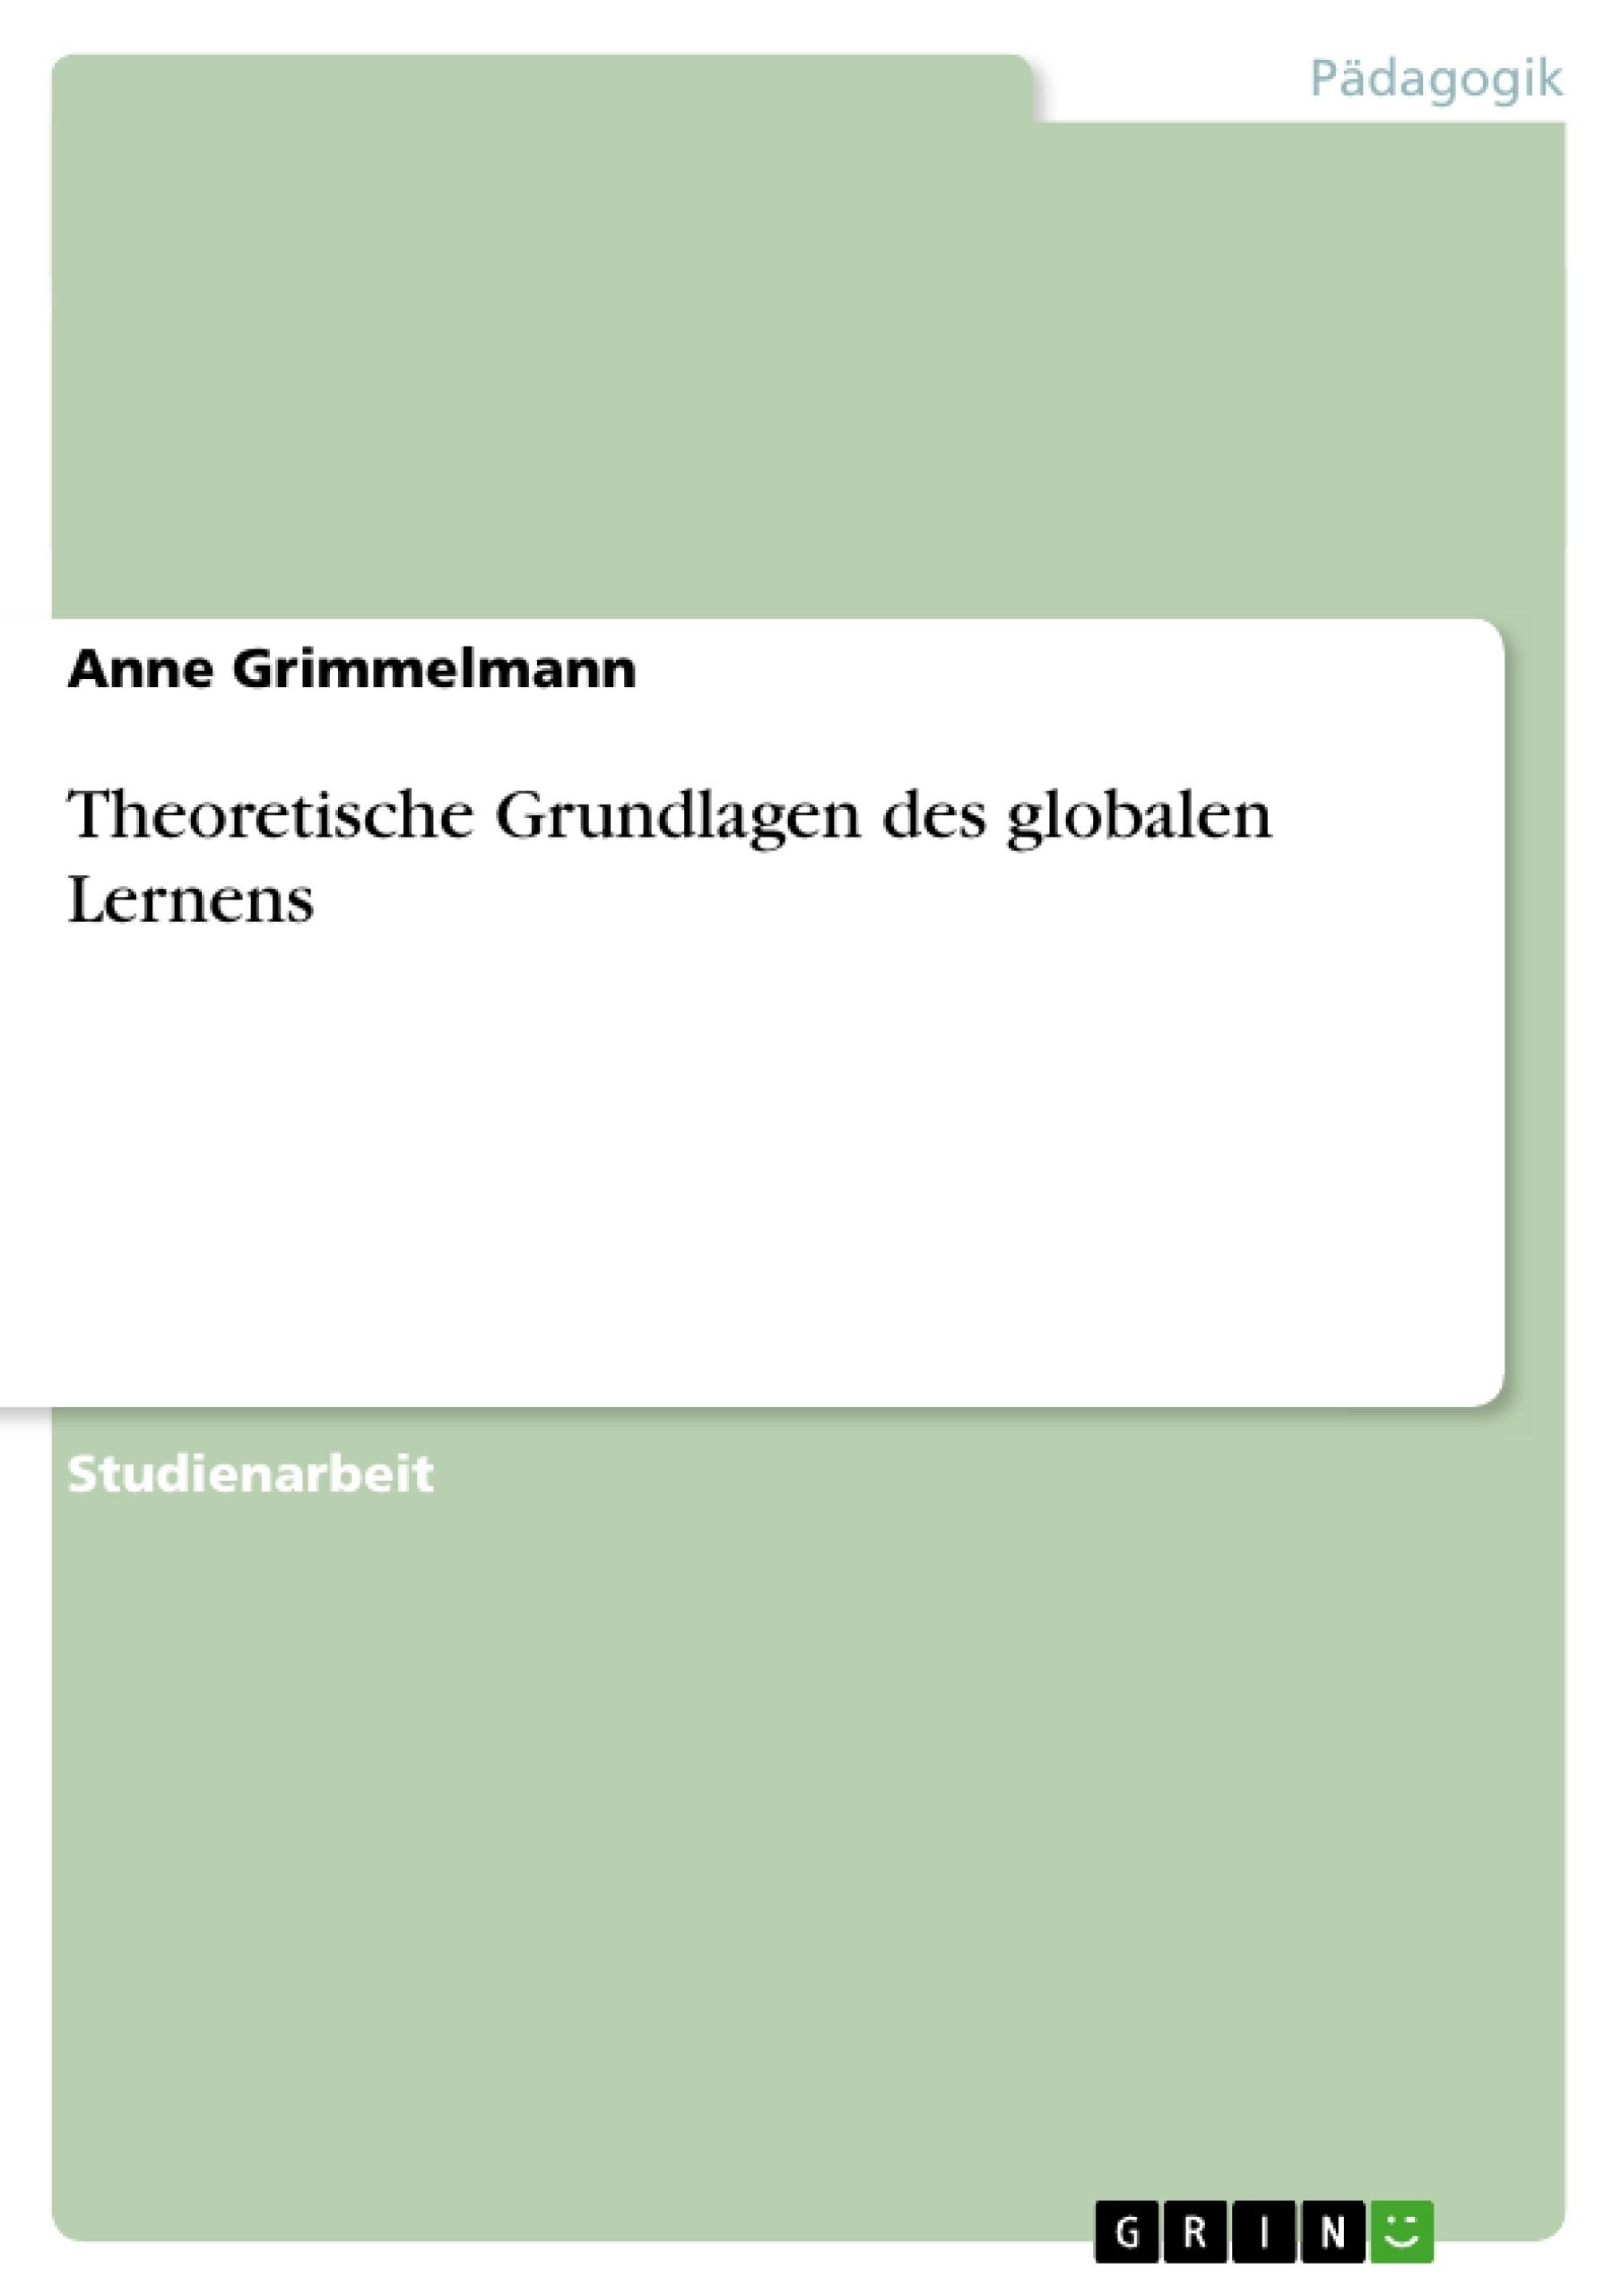 Titel: Theoretische Grundlagen des globalen Lernens